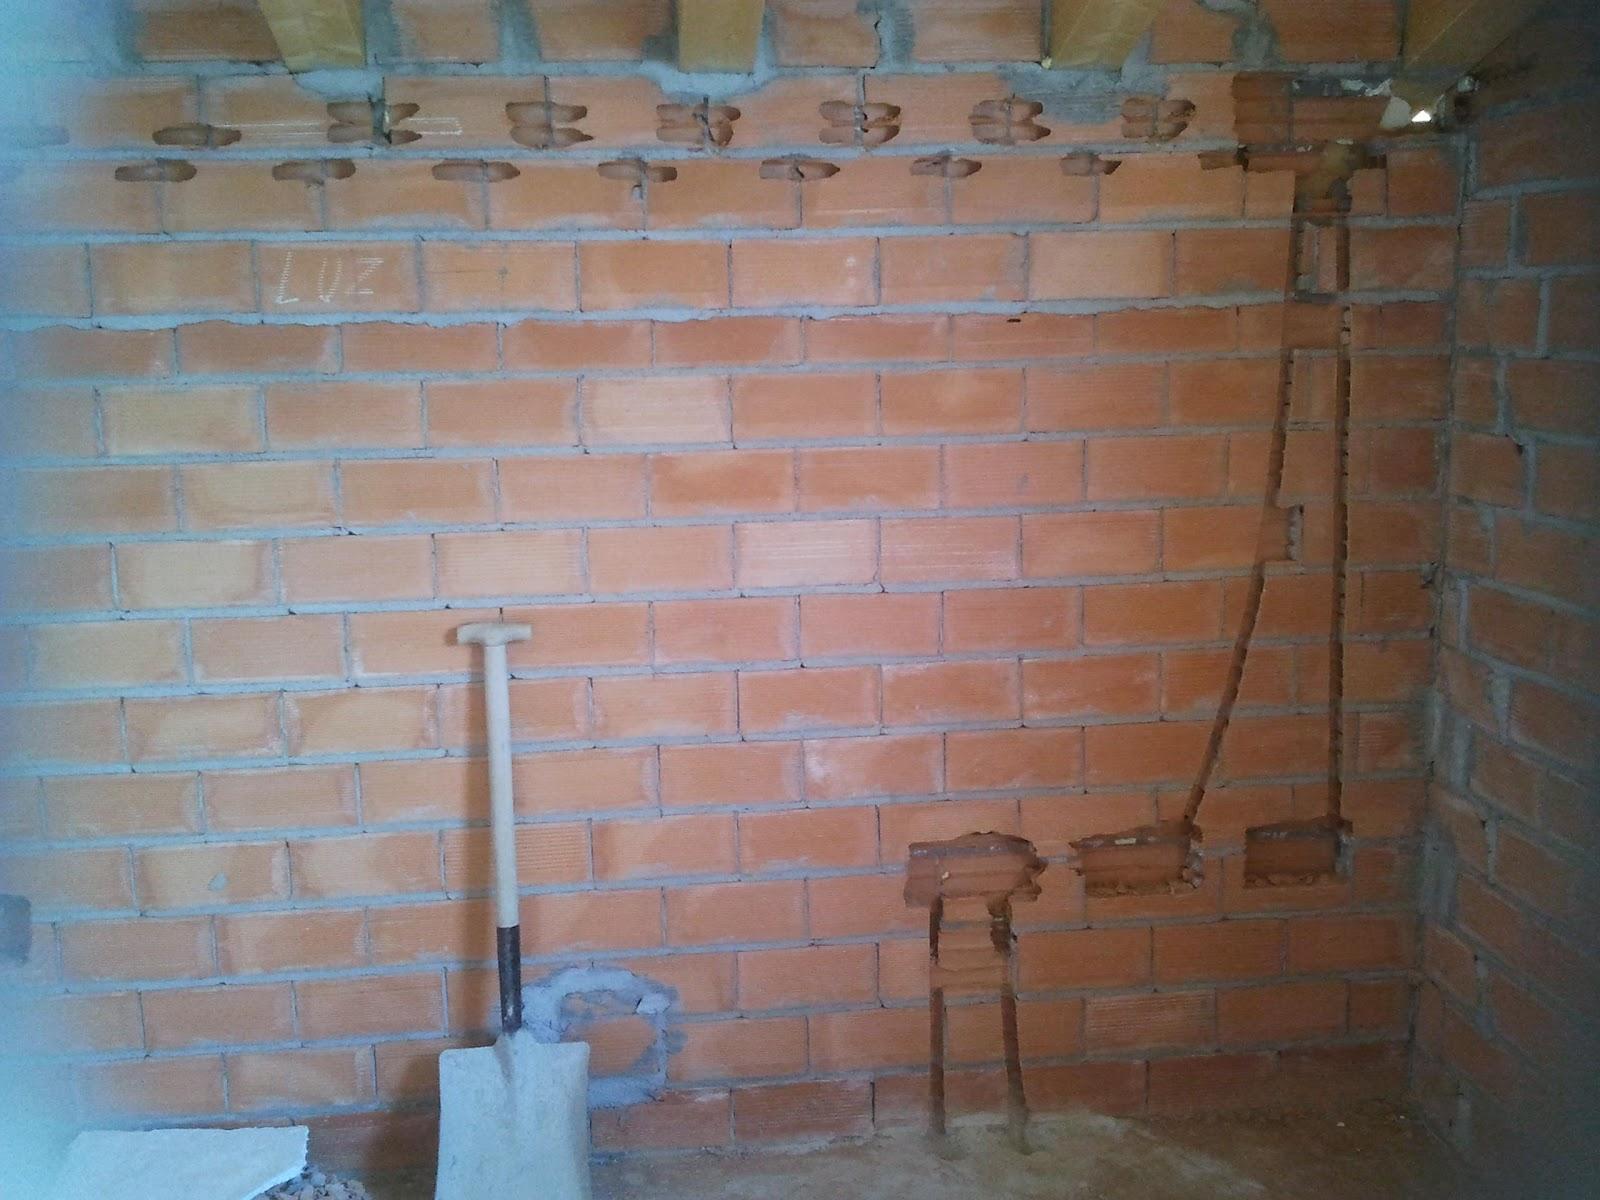 Abt electricidad s l primera fase de una vivienda - Tuberia para instalacion electrica ...